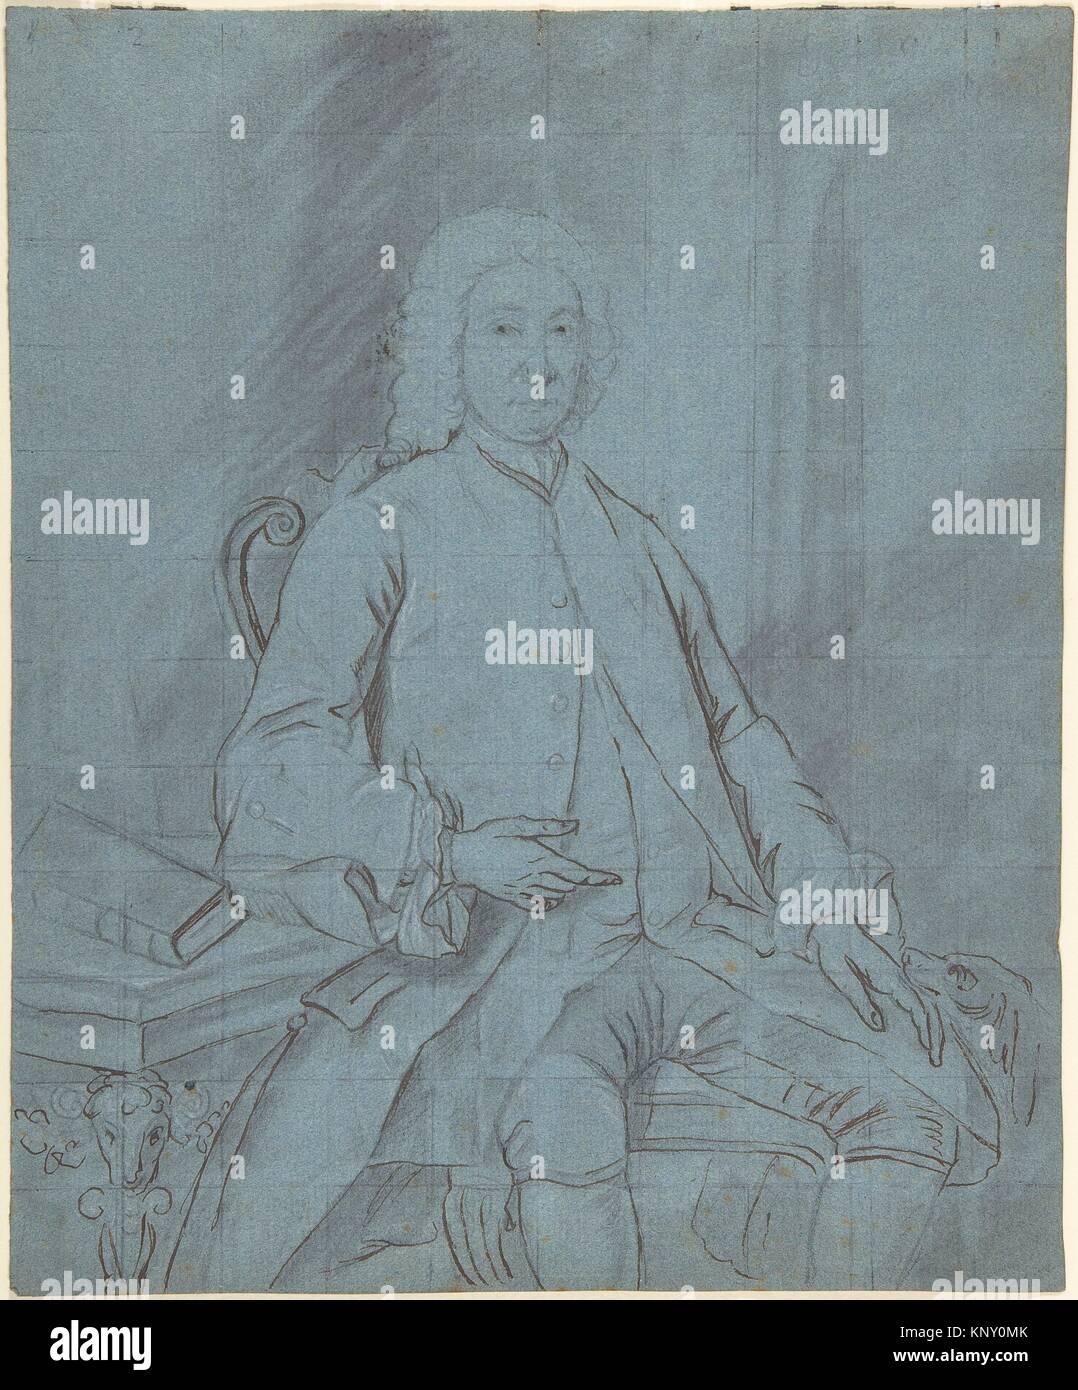 Longitud Three-Quarters Estudio de retrato de un hombre sentado en una mesa con un perro. Artista: Círculo Imagen De Stock